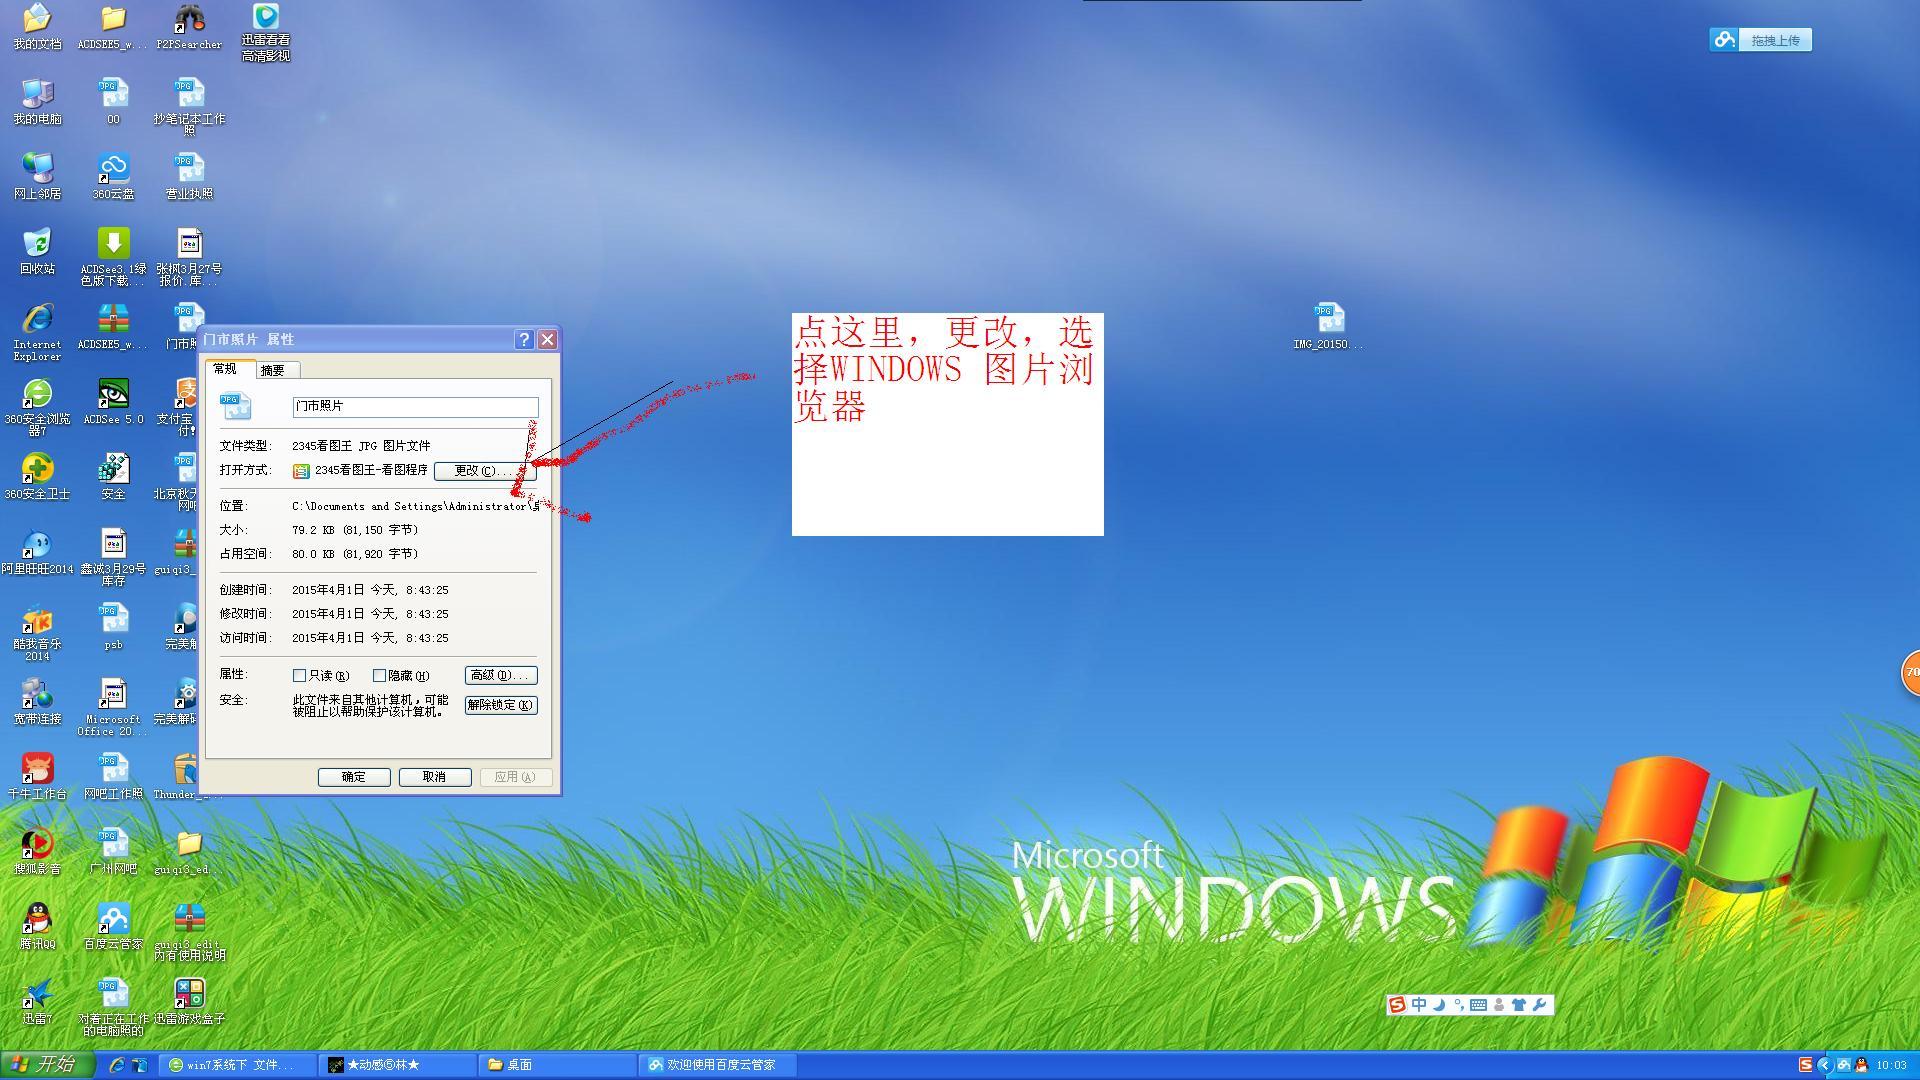 win7系统下 文件夹图标显示异常图片